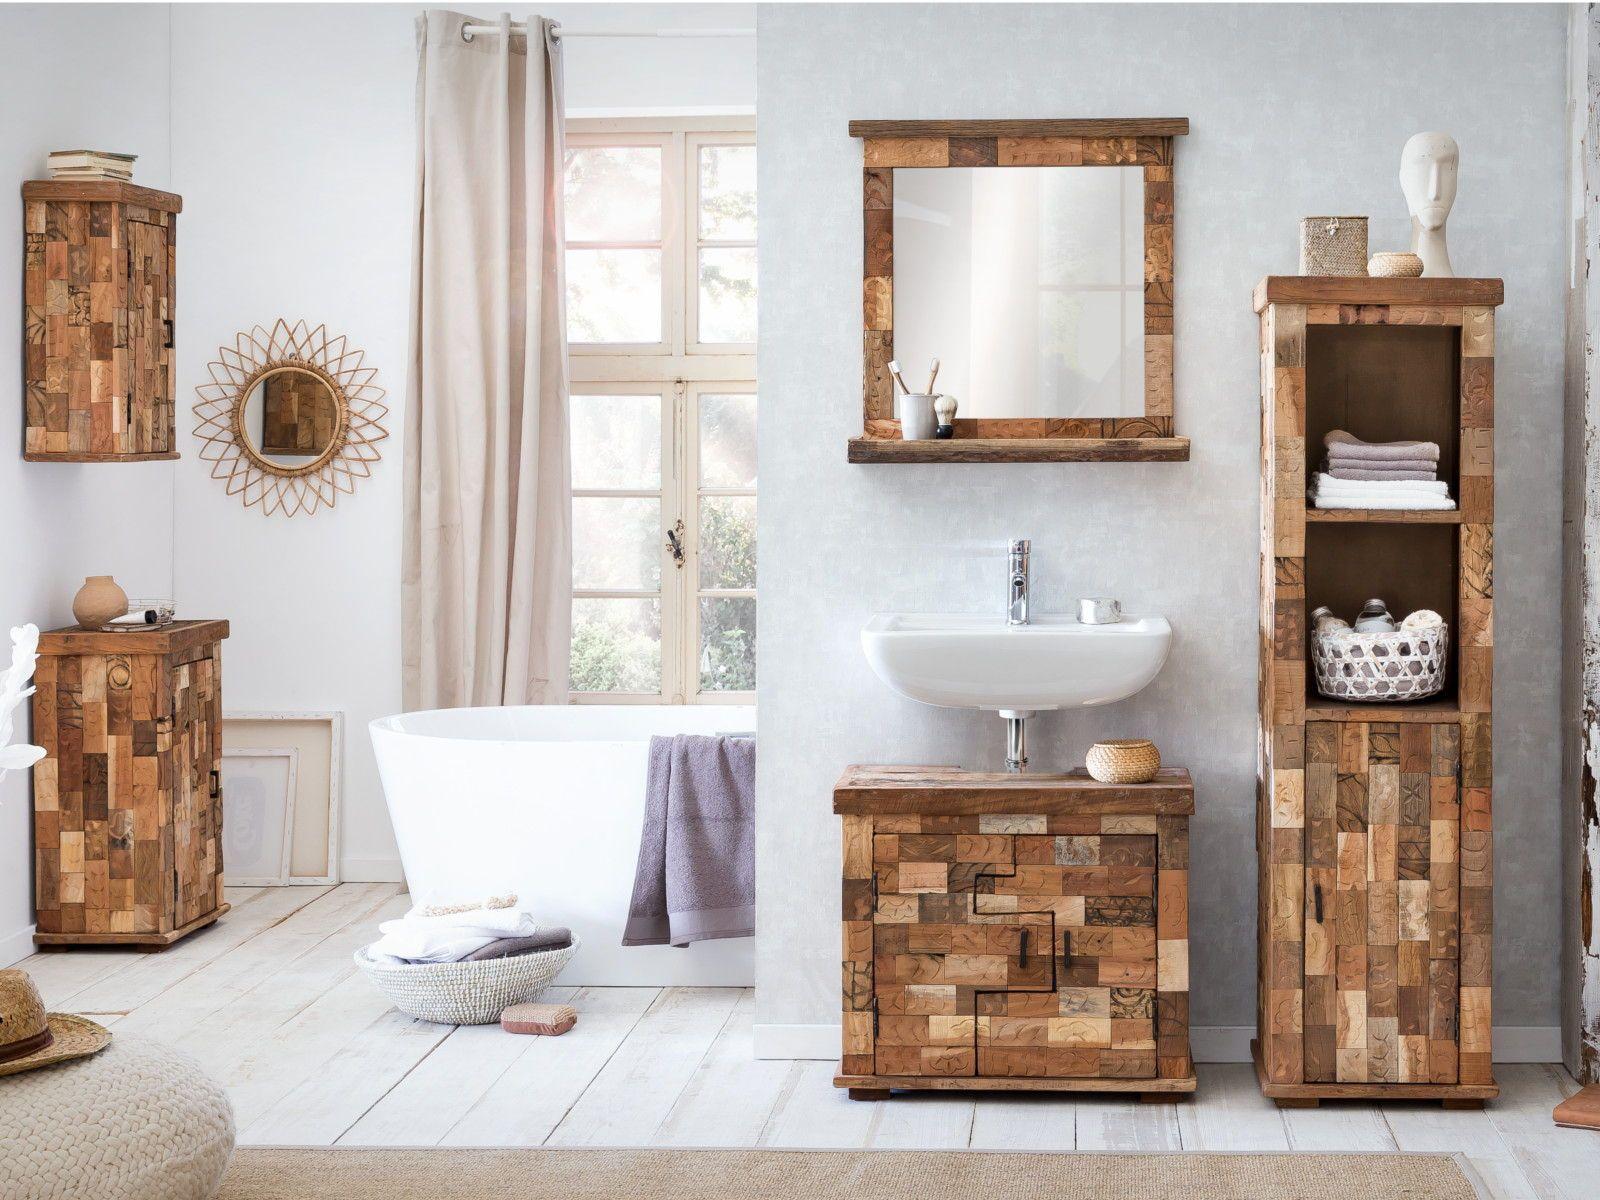 Unikate Von Woodkings Absolute Einzelstucke Aus Recycelten Hozern Und Stempelformen Schrank Altholz Rustikal Waschbeckenunterschrank Altholz Badezimmer